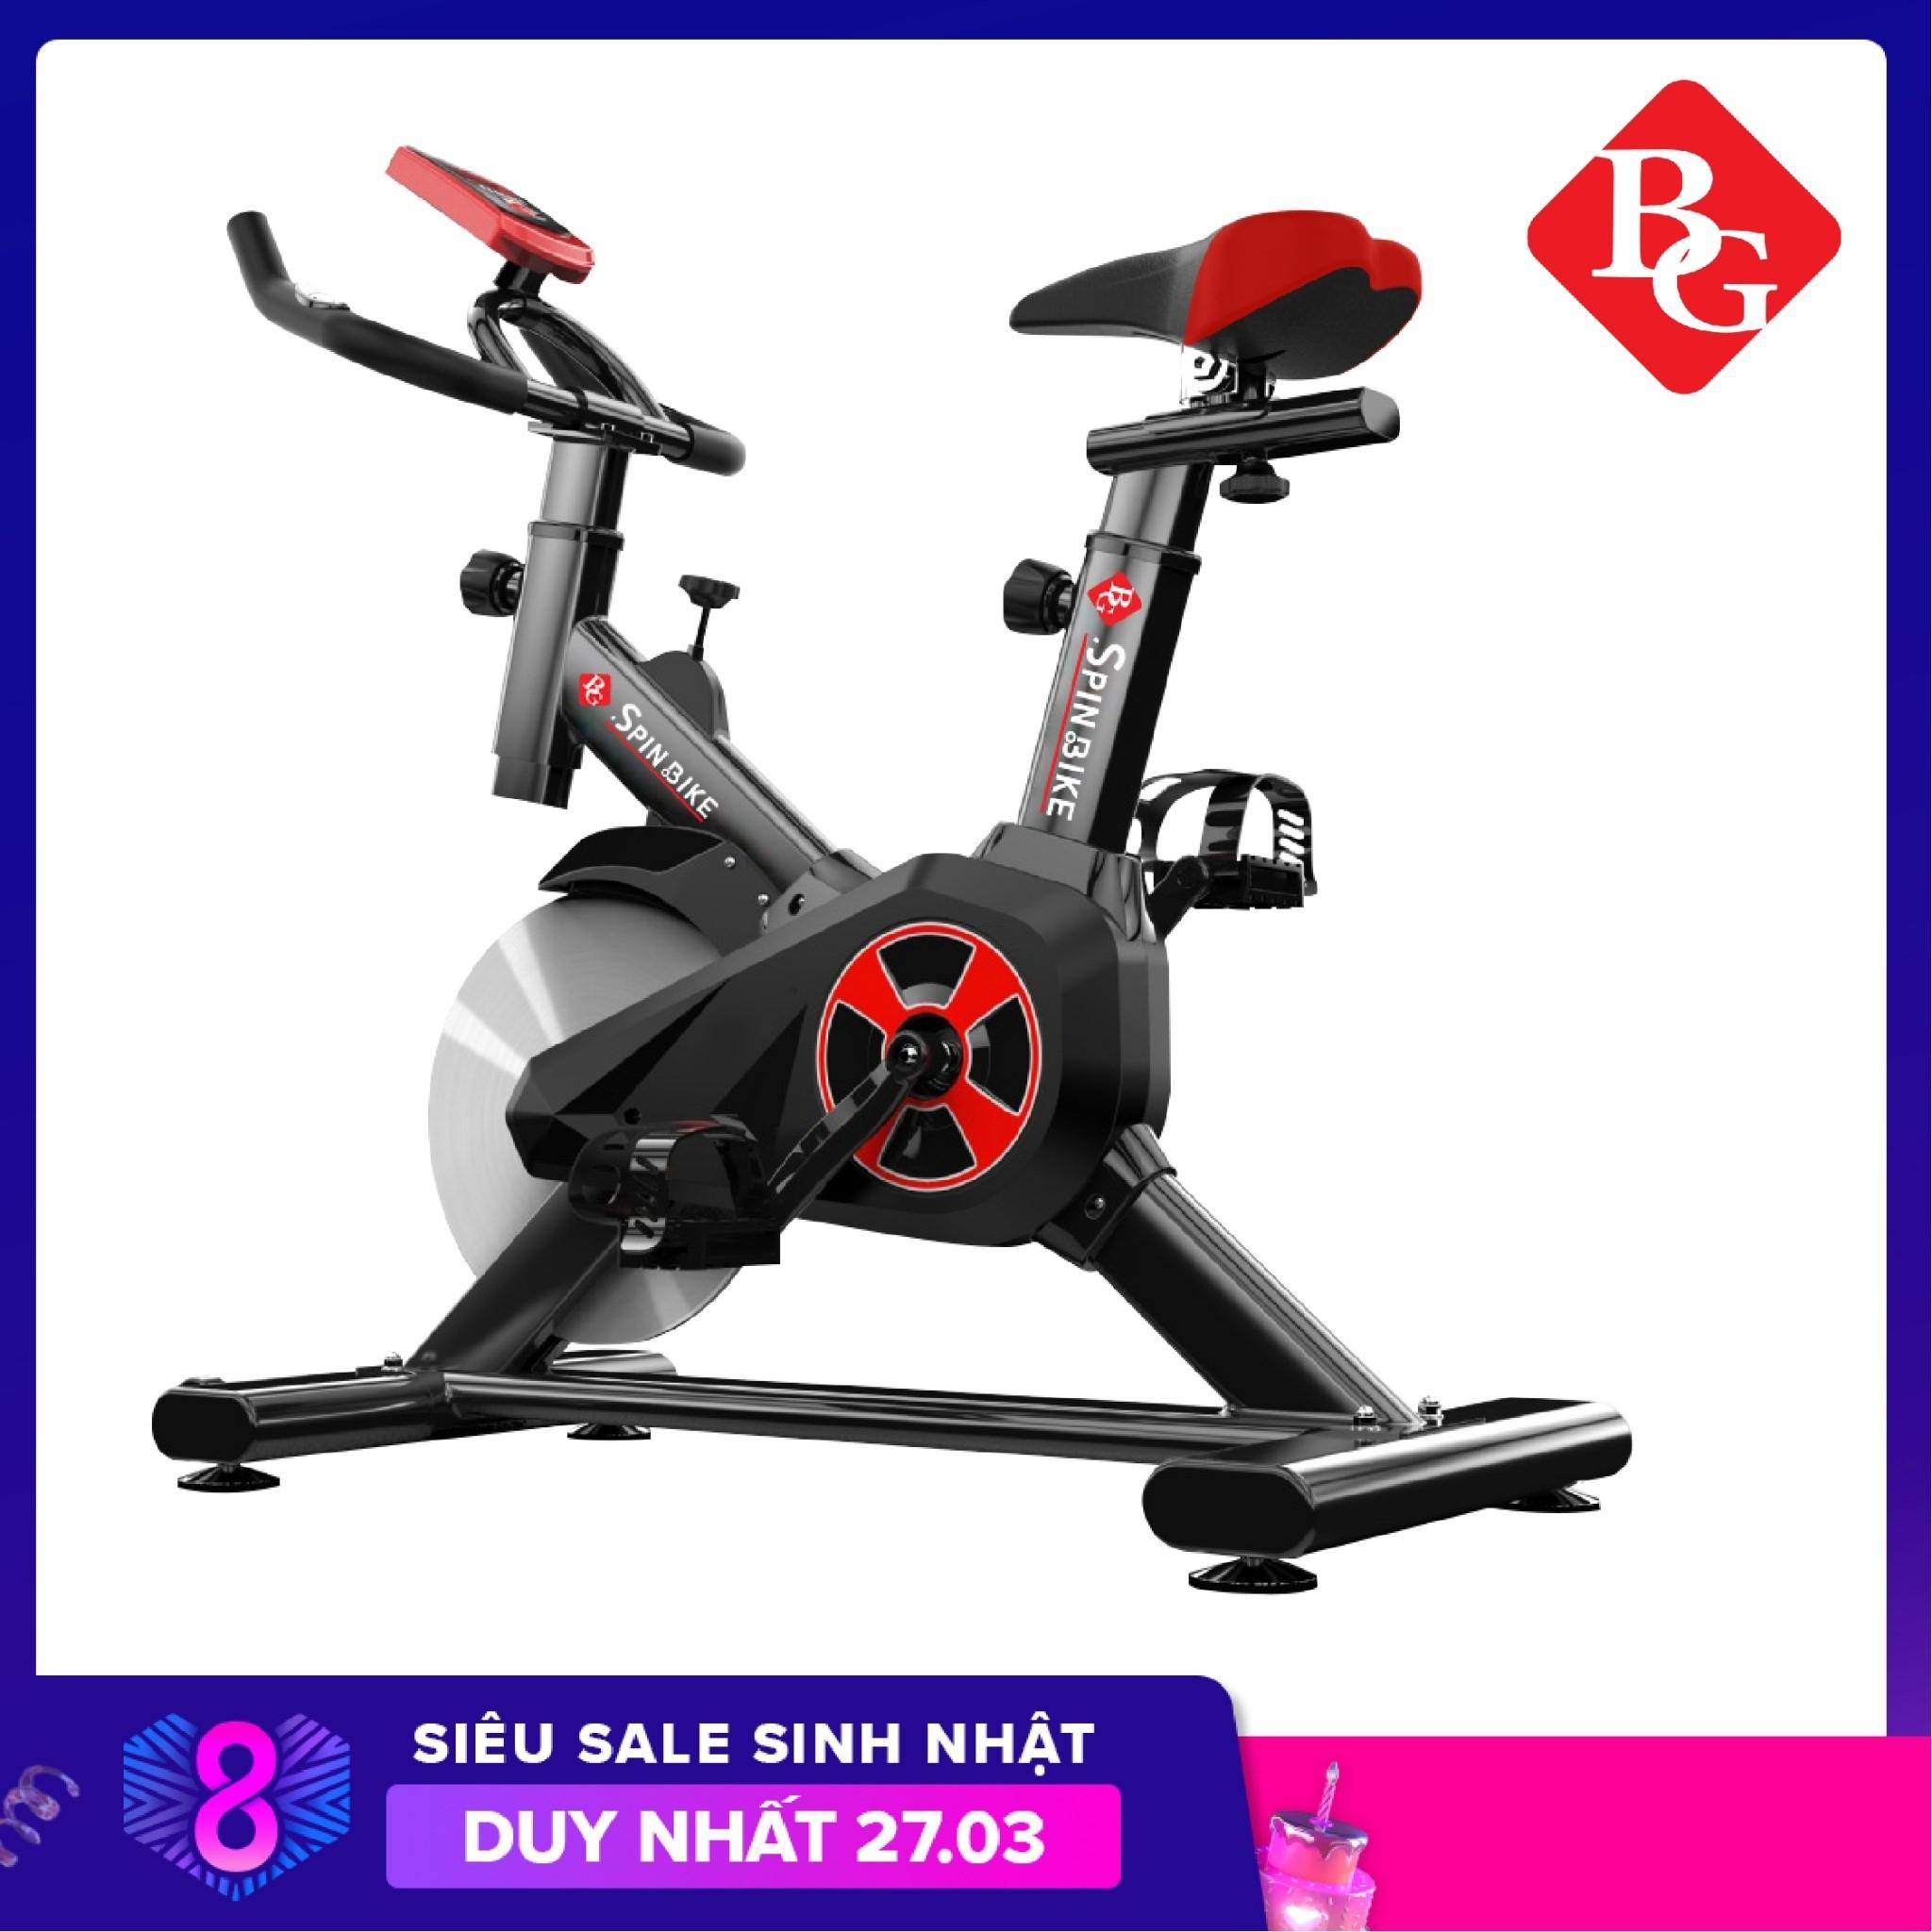 Bảng giá BG Xe đạp tập thể dục thể thao mẫu mới S303 mới hót màu đen